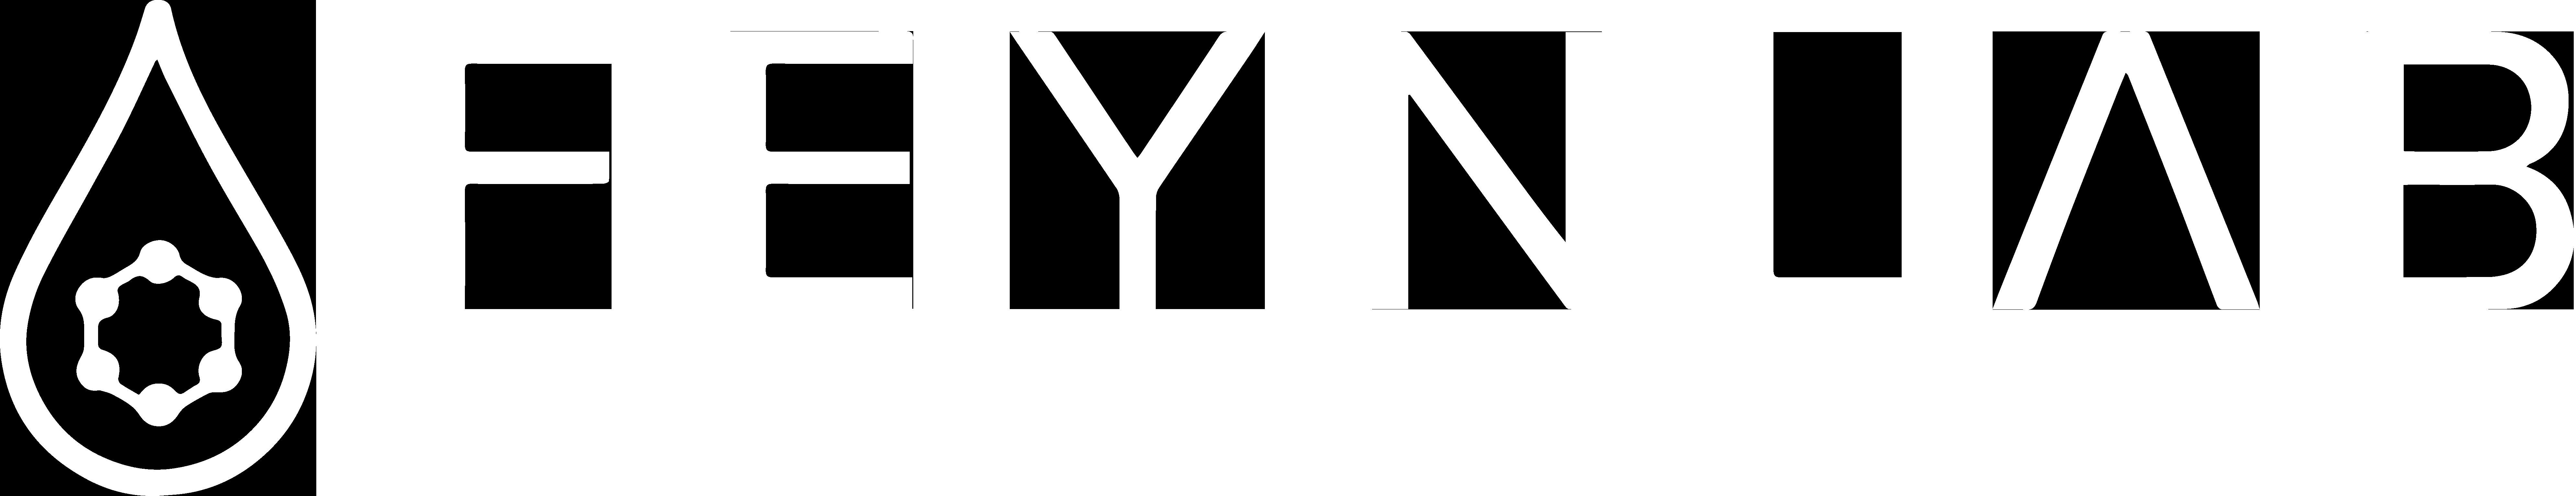 FEYNLAB MEA